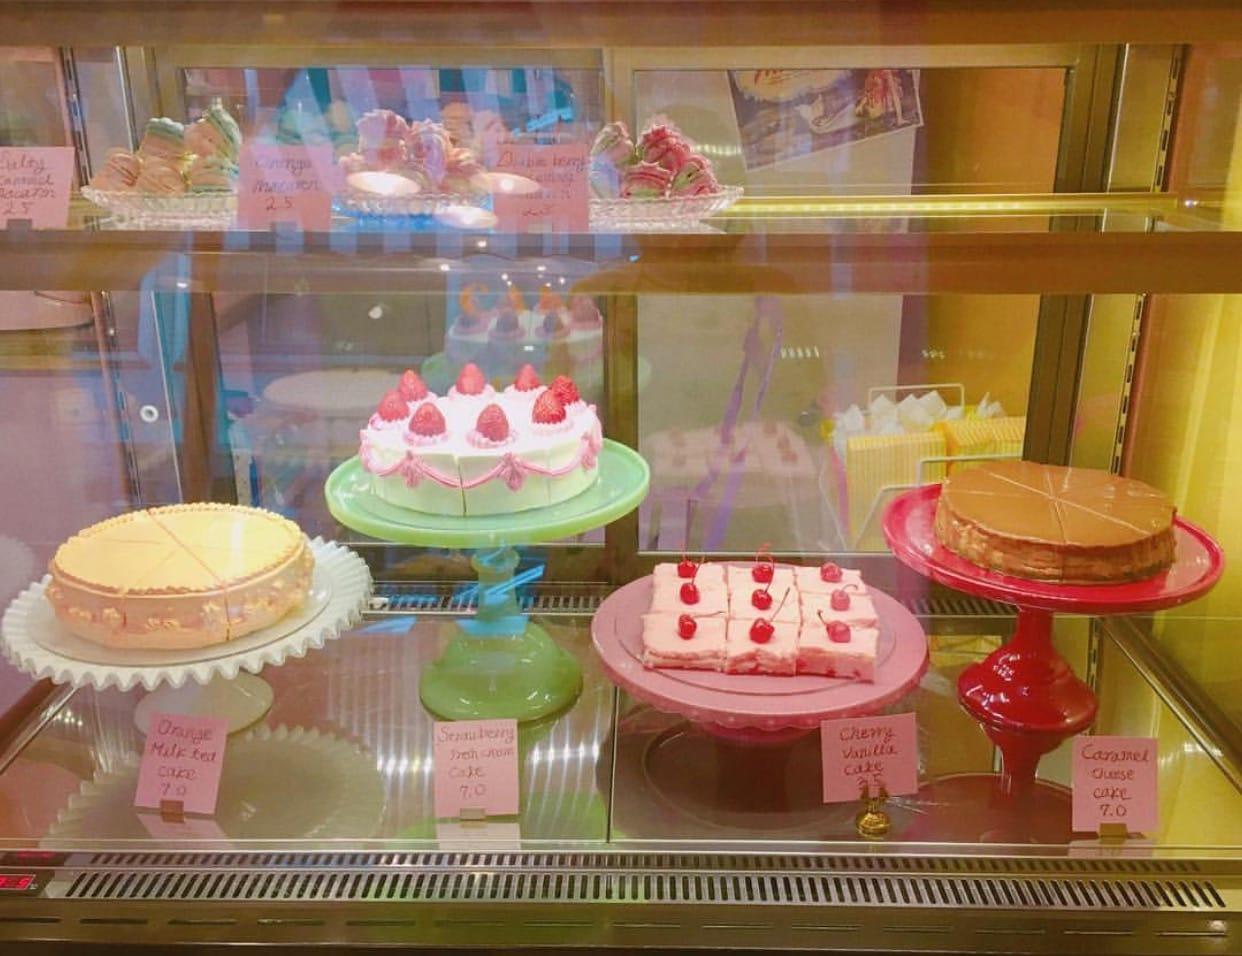 딸기 케이크, 캐러멜 케이크, 등 맛뿐만 아니라 예쁘게 데커레이션 된 다양한 케이크가 손님들의 눈길을 끈다. 또한 이 집에서만 볼 수 있는 귀여운 조가비 마카롱은 추천 메뉴! 재고 소진 시 일찍 마감하니 서둘러 방문해 보자.